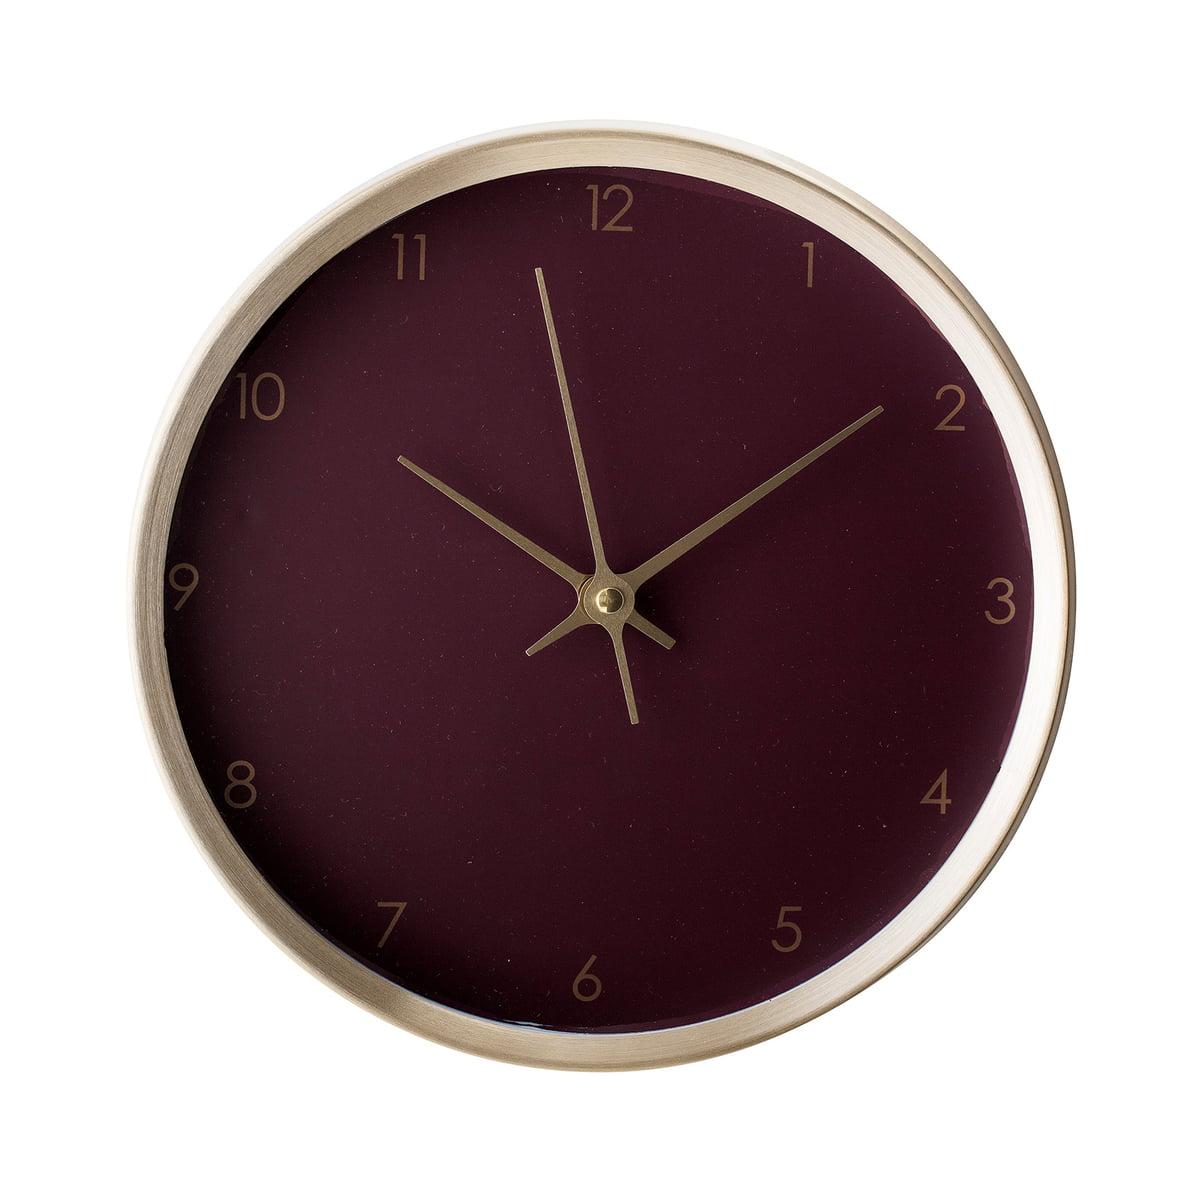 Bloomingville - Wanduhr Ø 25 cm, gold / bordeaux | Dekoration > Uhren > Wanduhren | Schwarz | Aluminium | Bloomingville